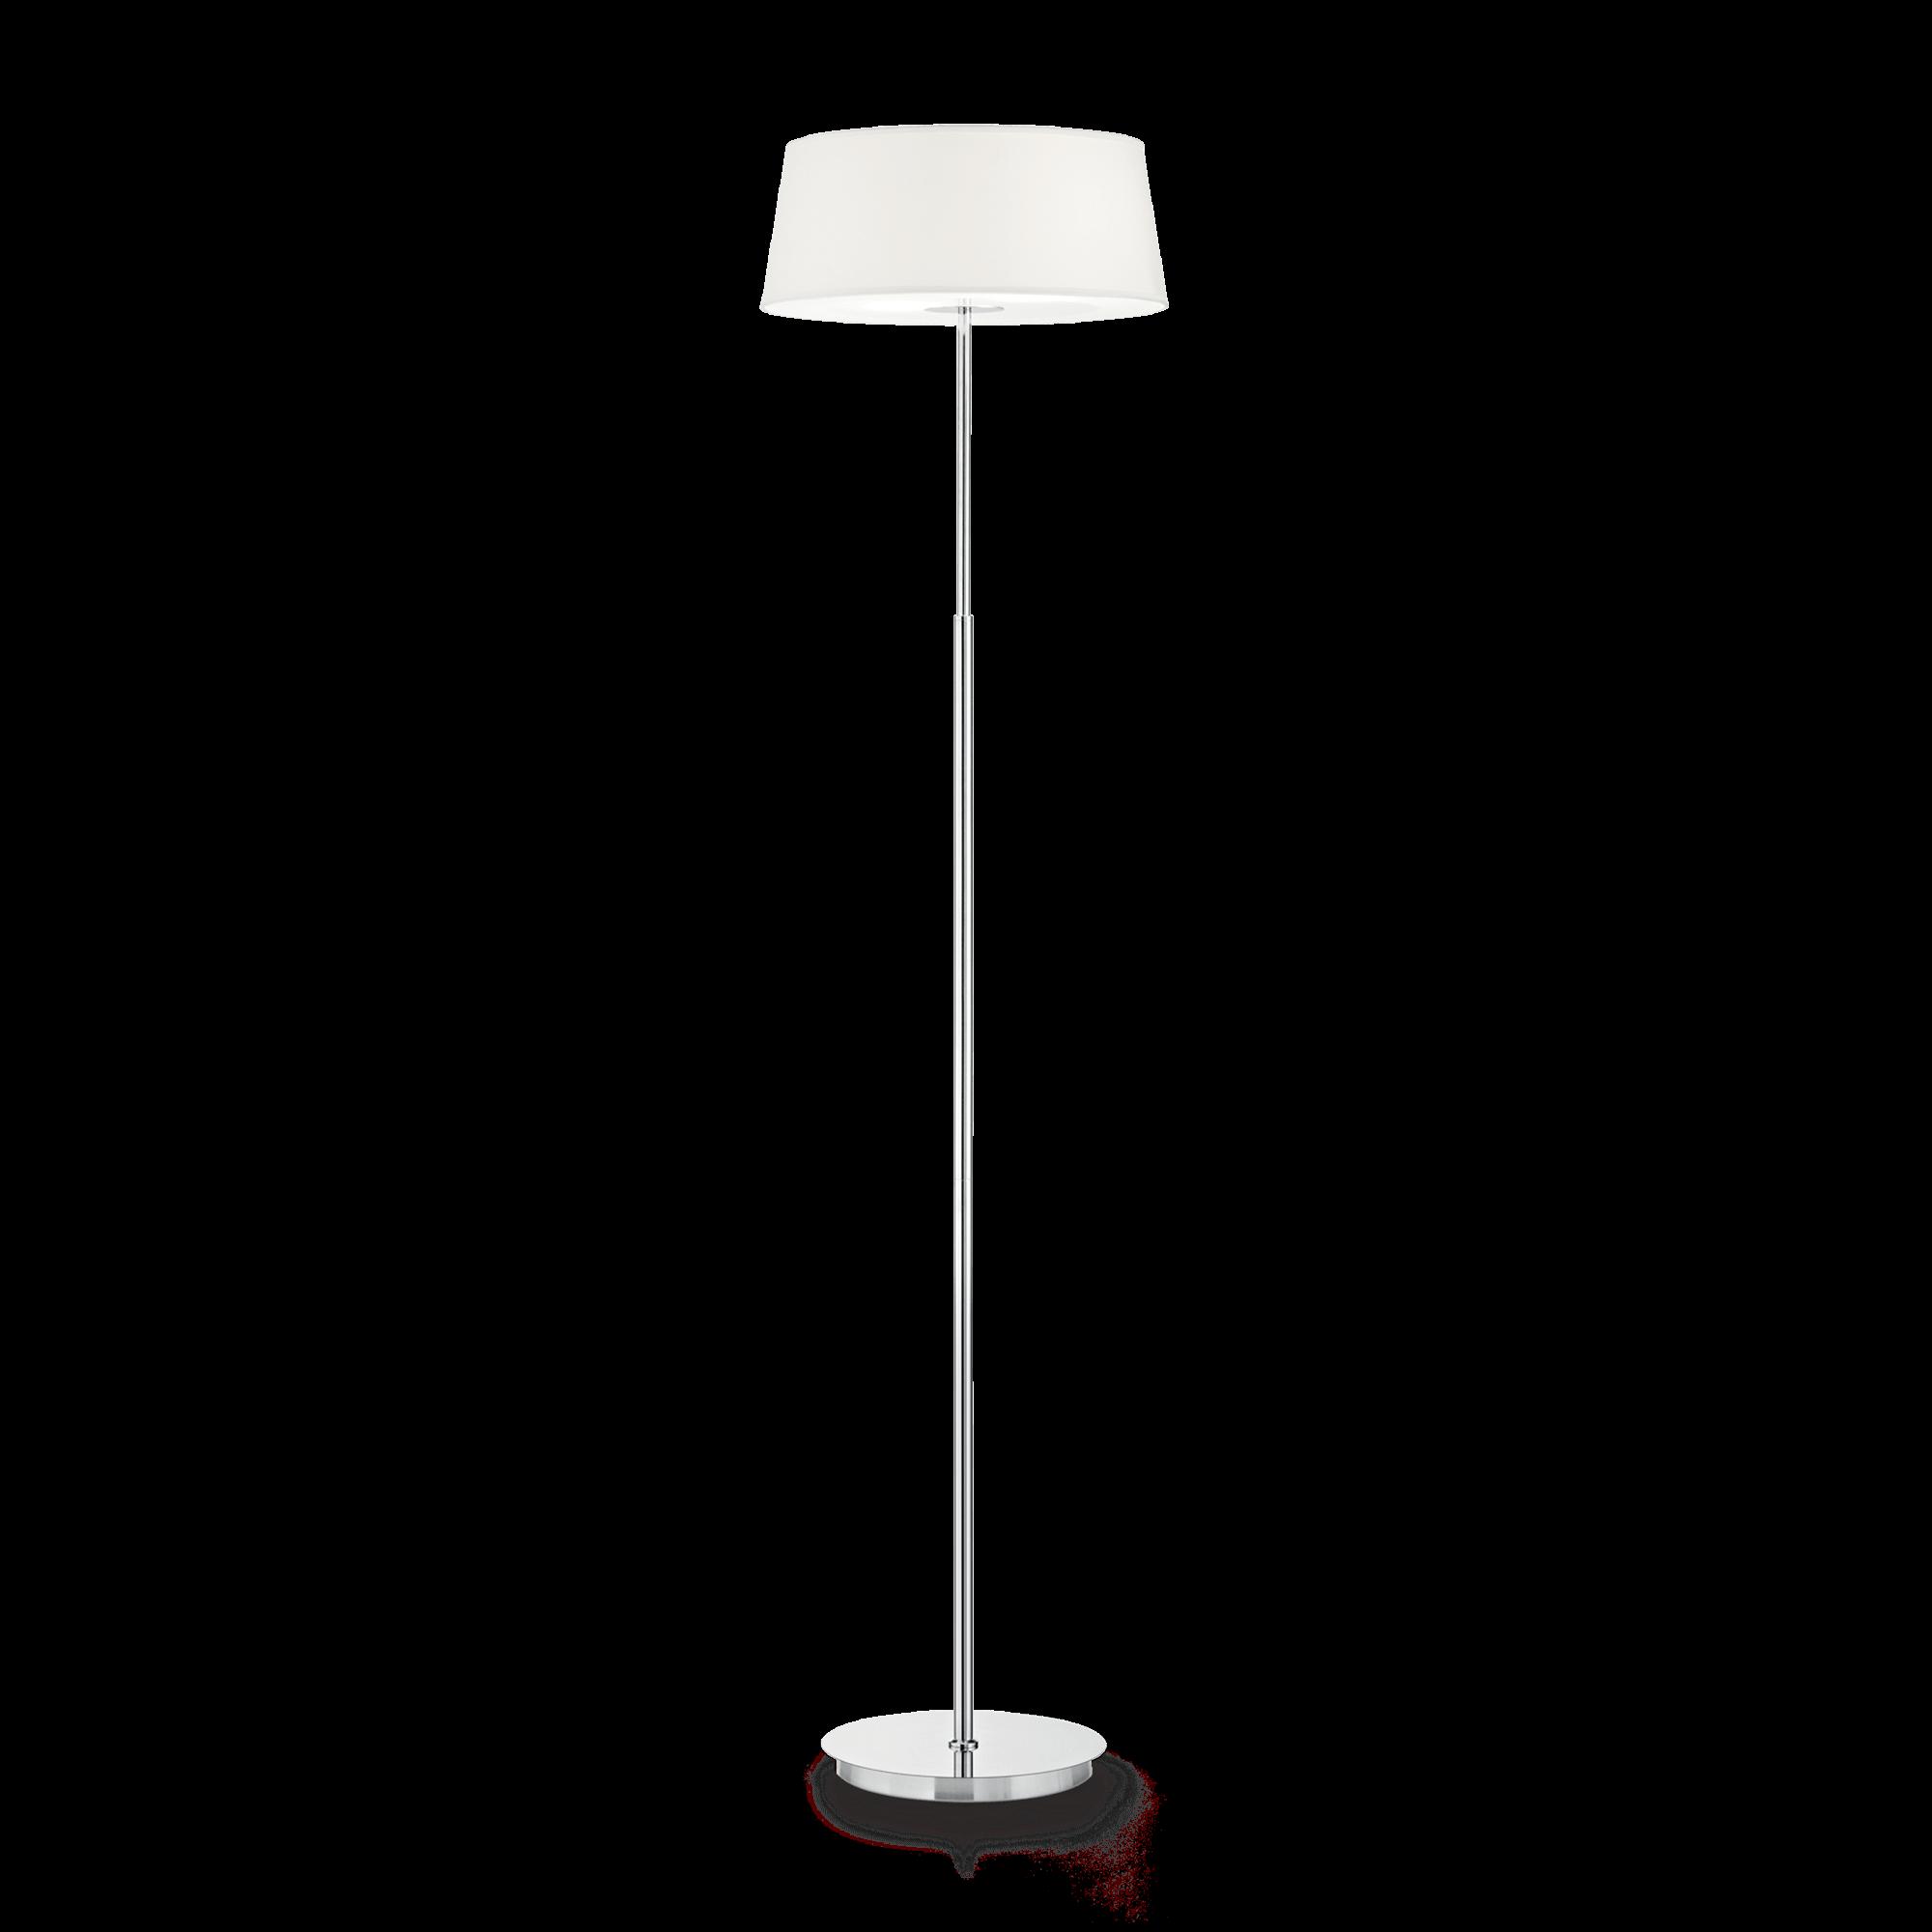 Ideal Lux 075488 Hilton PT2 Bianco állólámpa